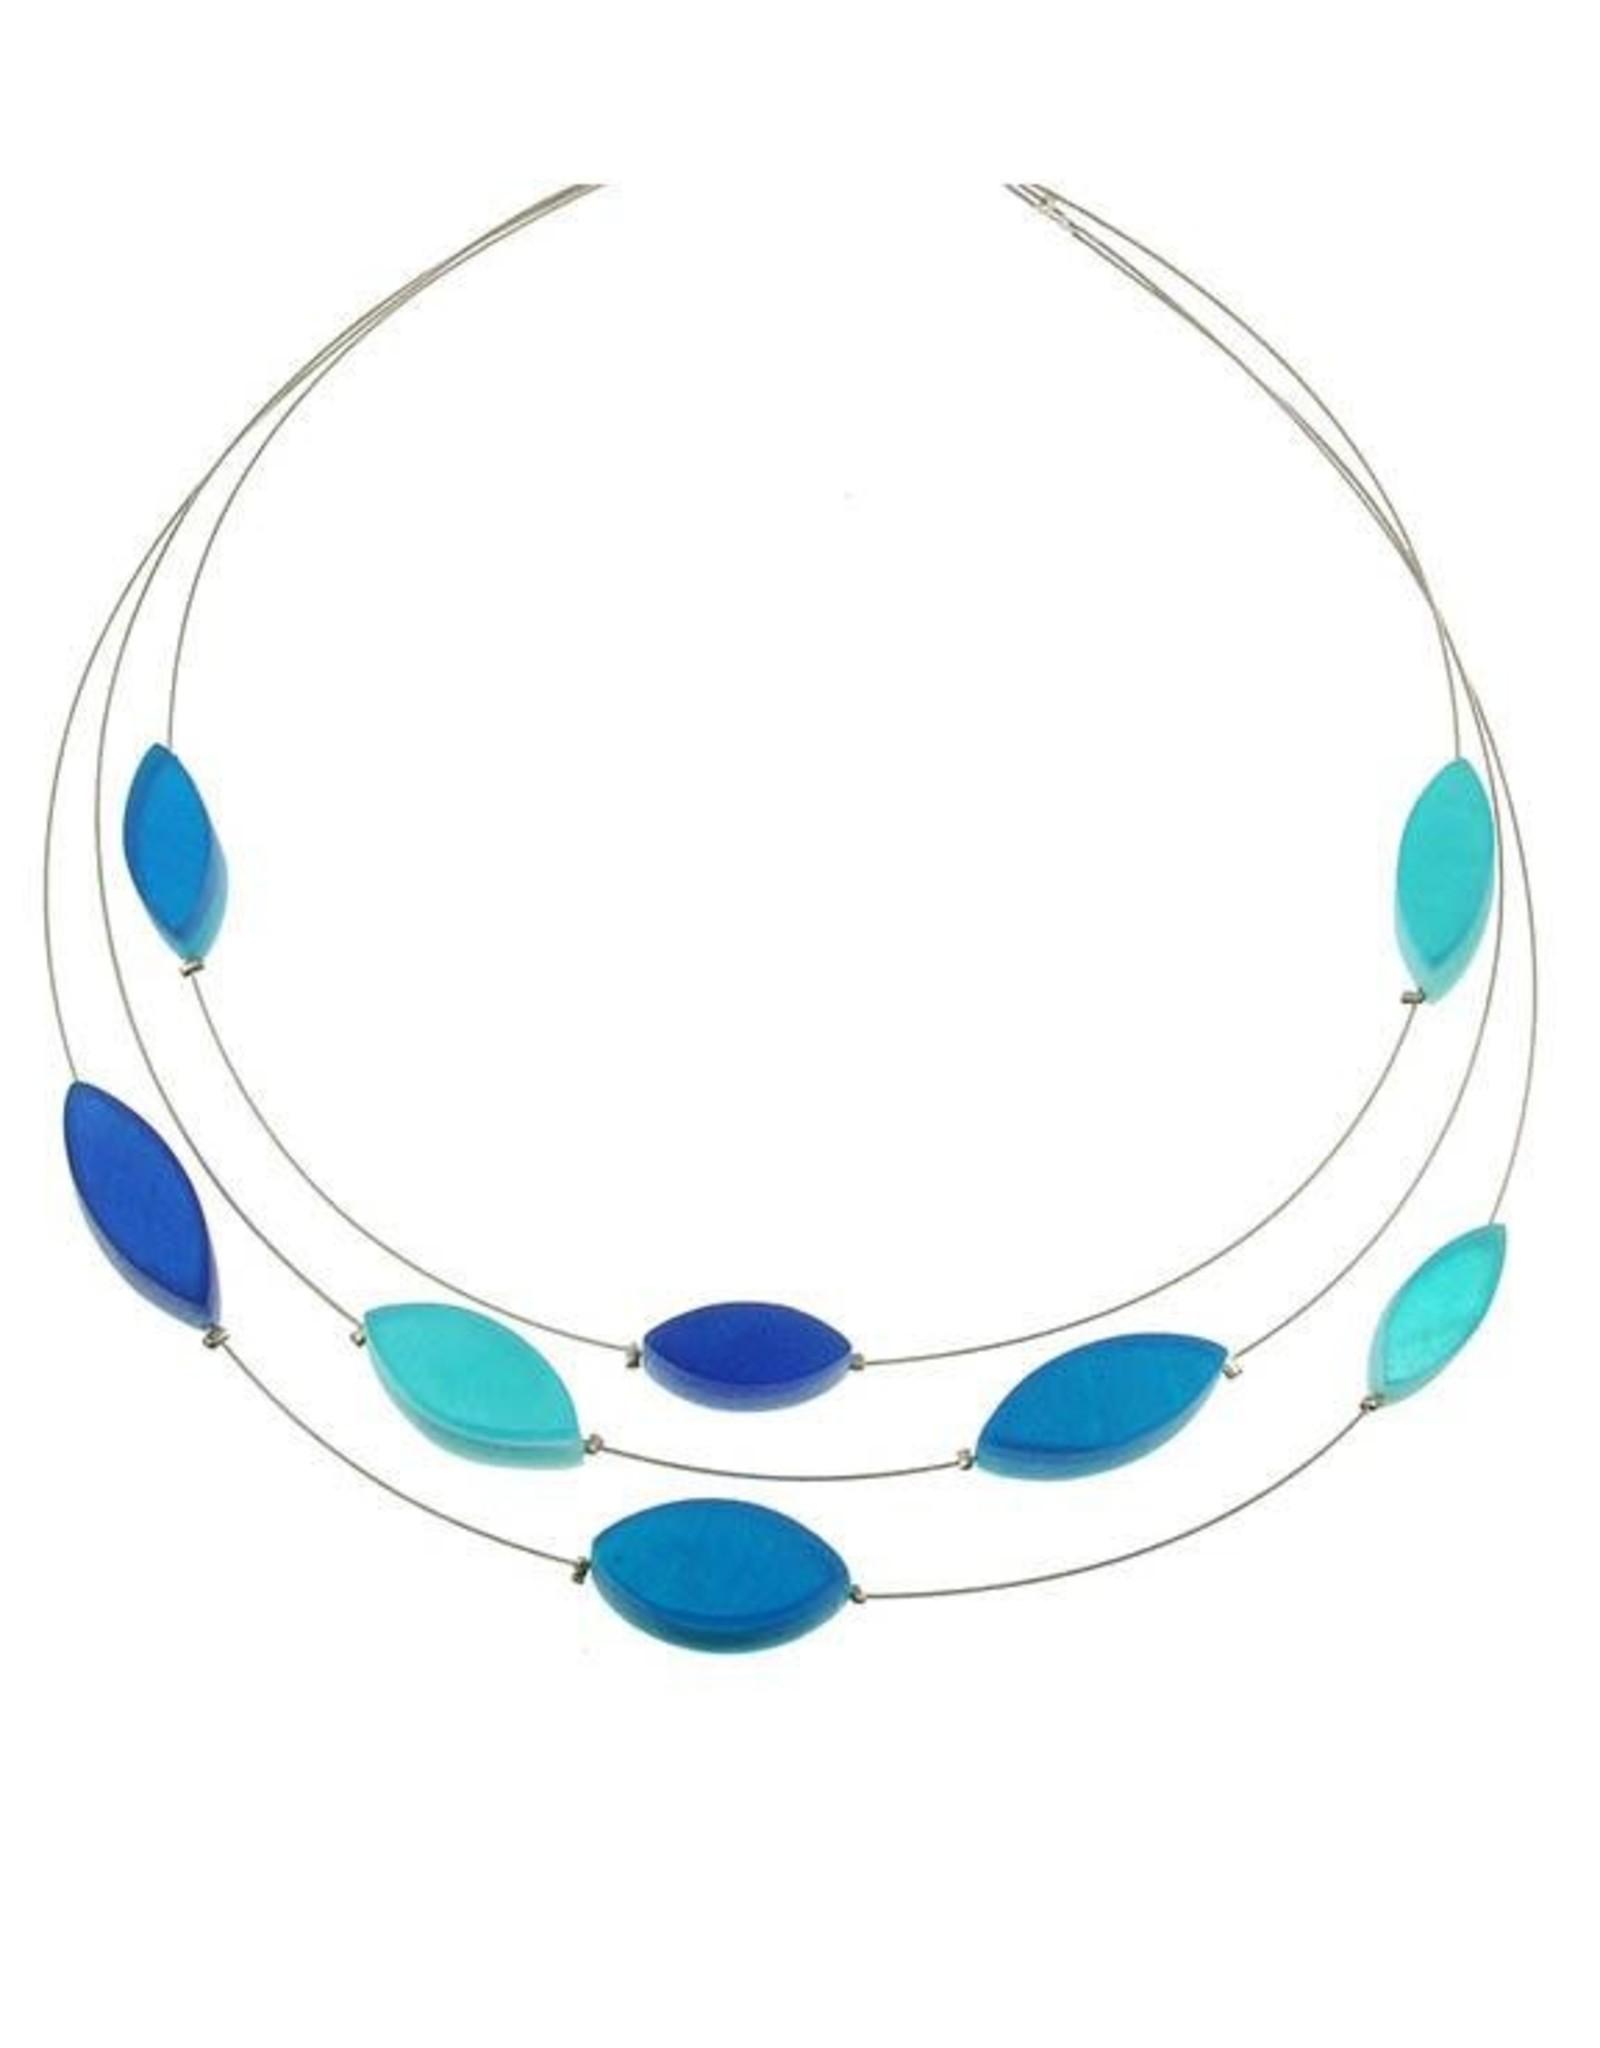 ORIGIN Petal Necklace